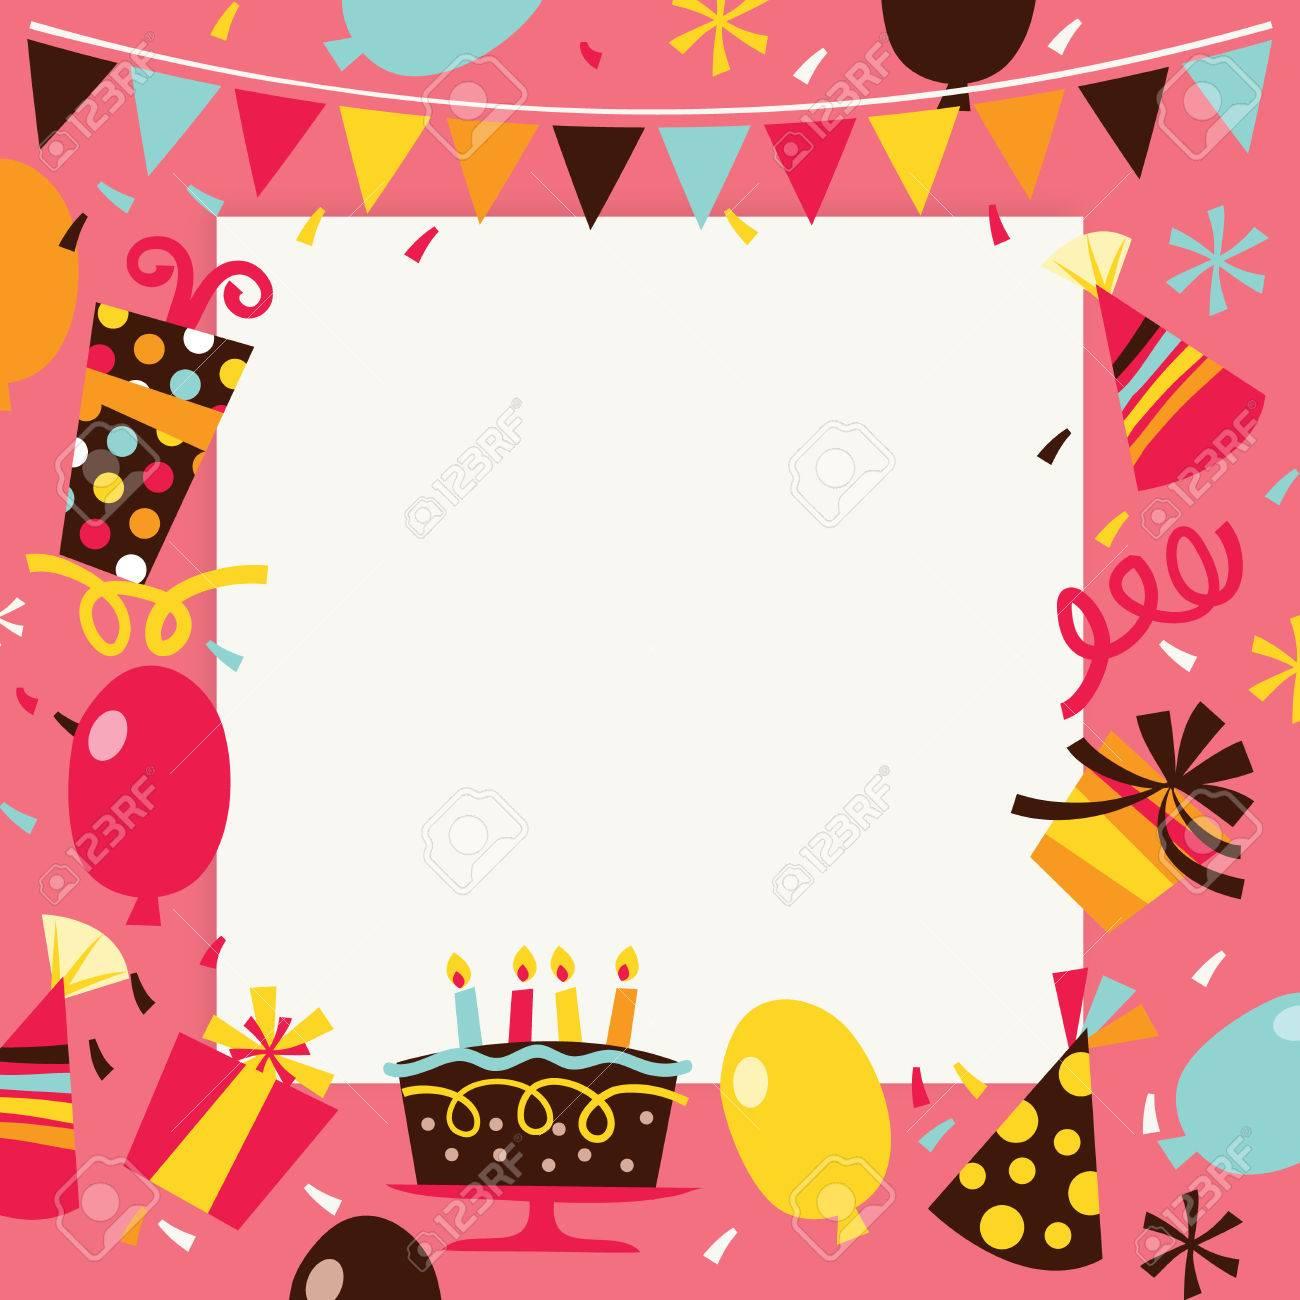 Festa A Sorpresa Di Compleanno una illustrazione vettoriale di tema retrò felice compleanno sorpresa  partito sfondo. l'immagine è piena di elementi di festa come palloncini,